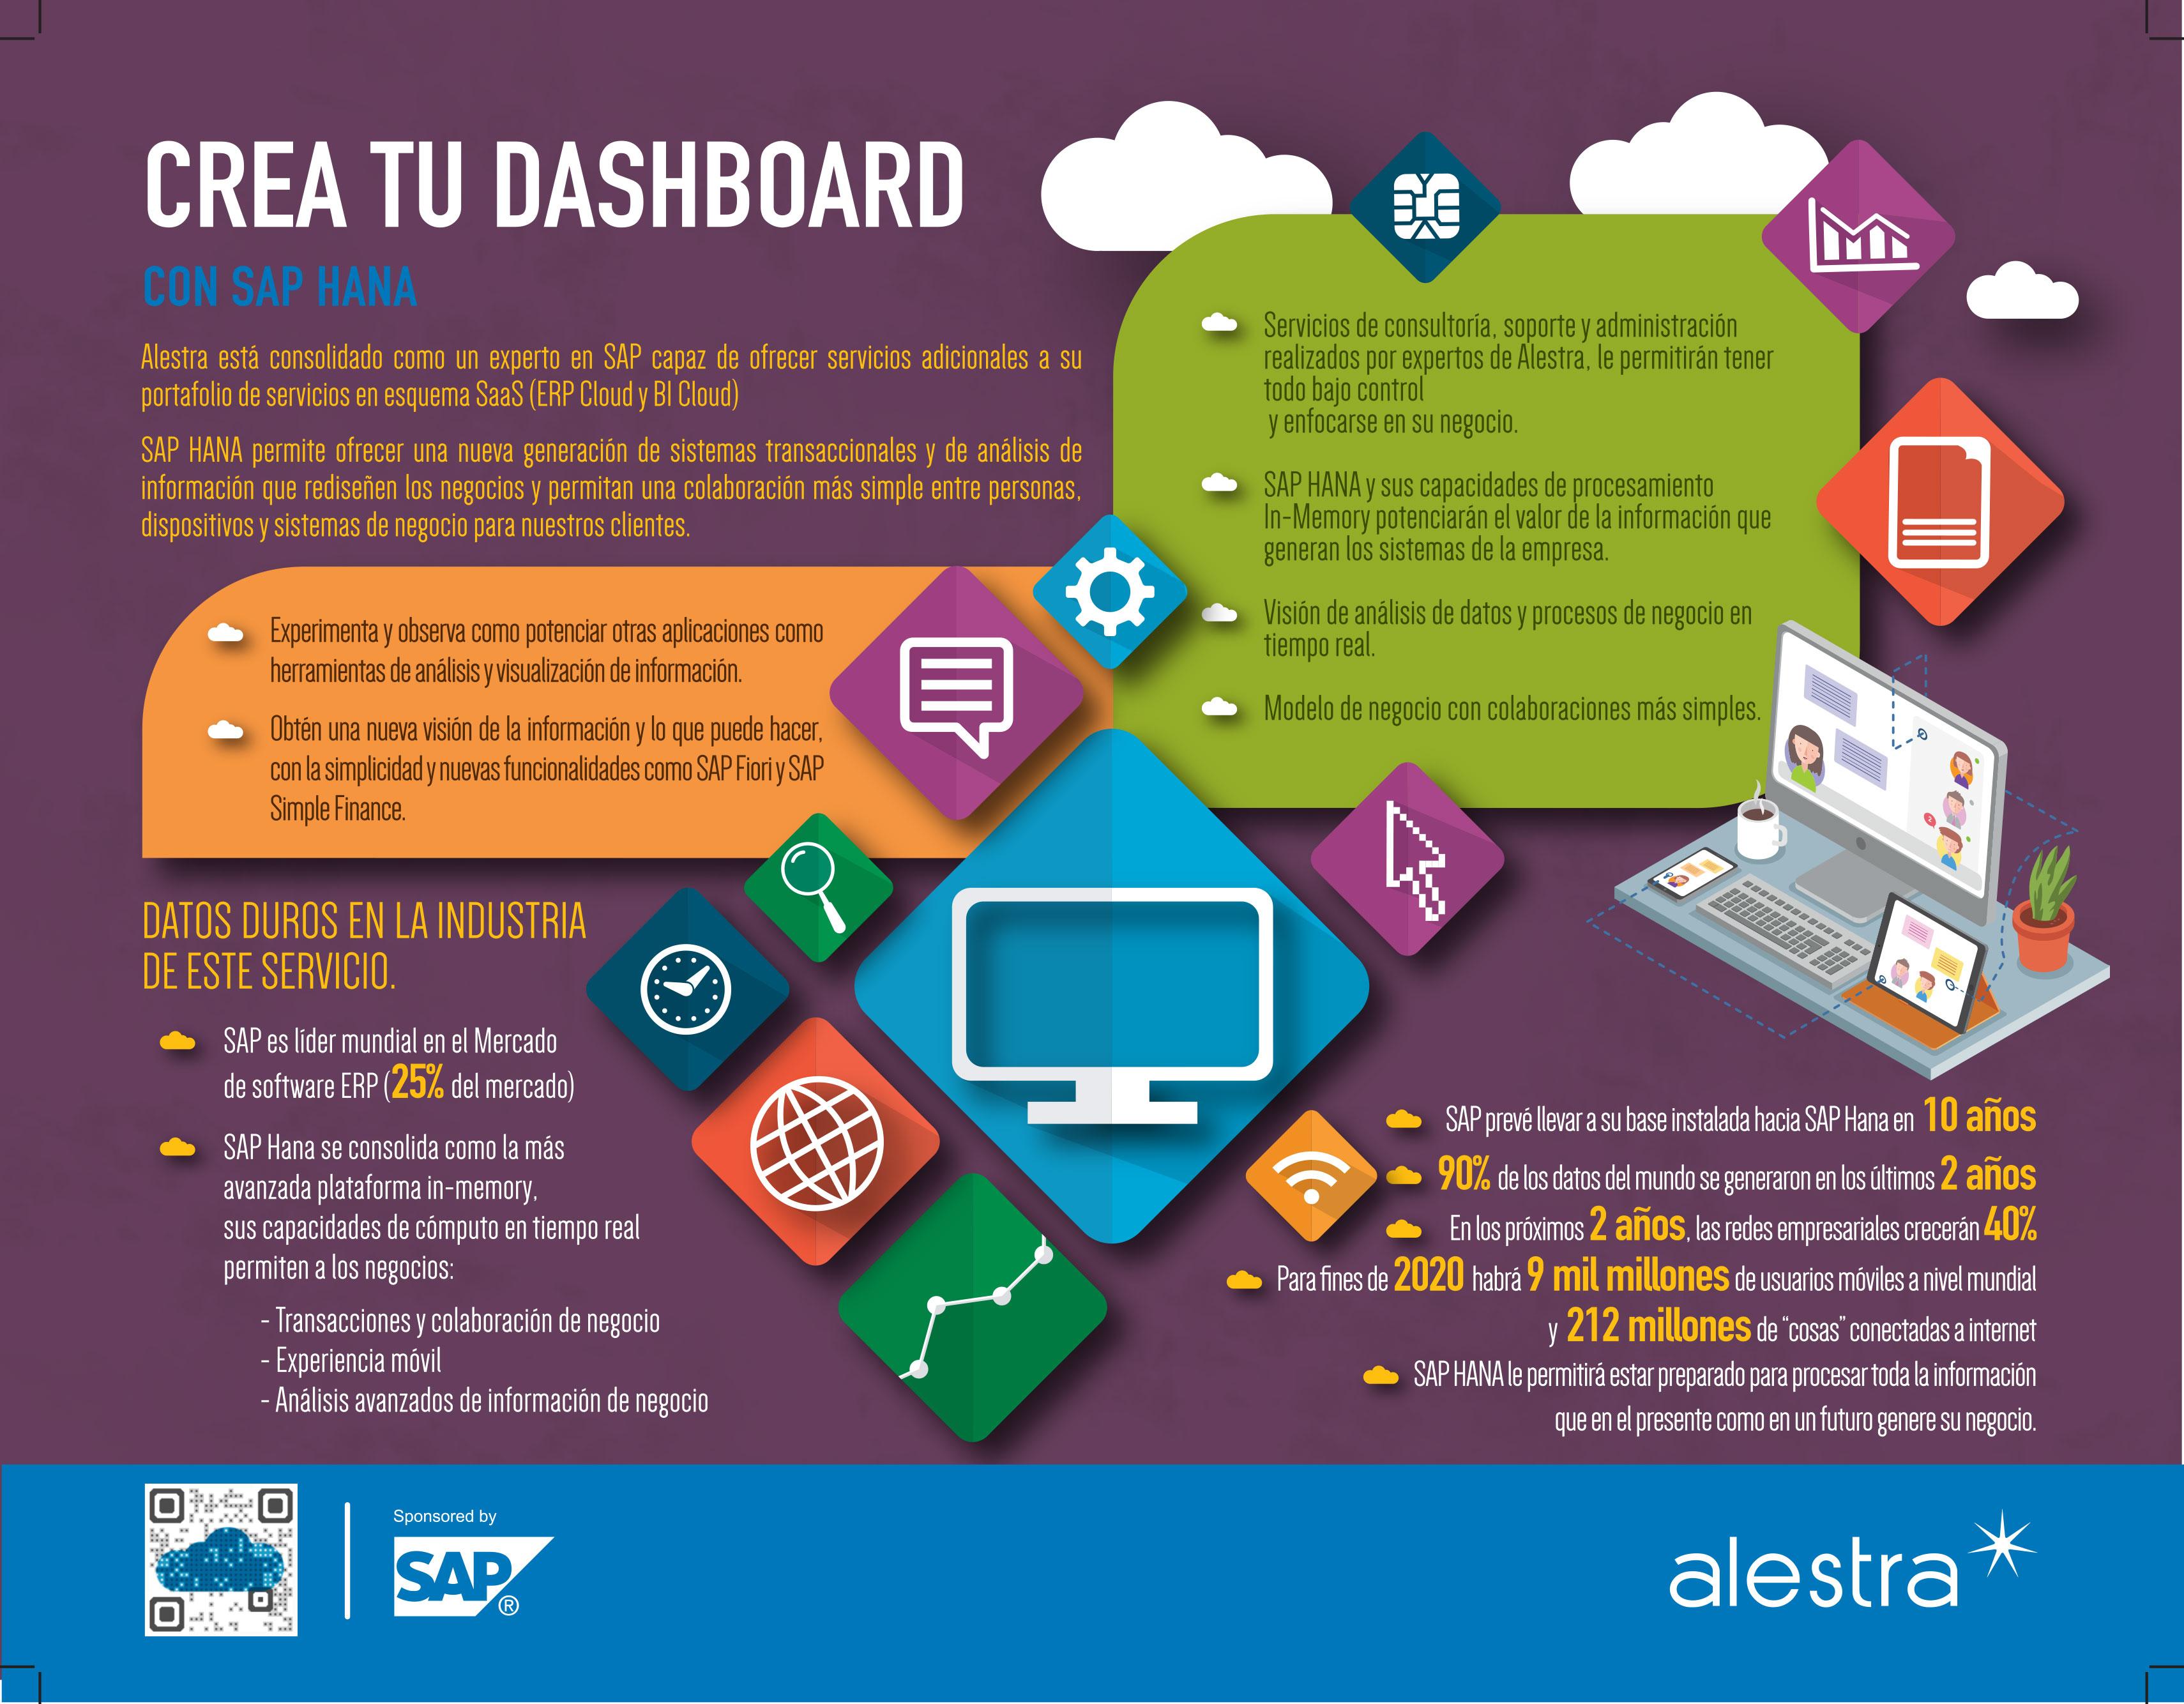 SAP-crea-tu-dashboard-1.jpg